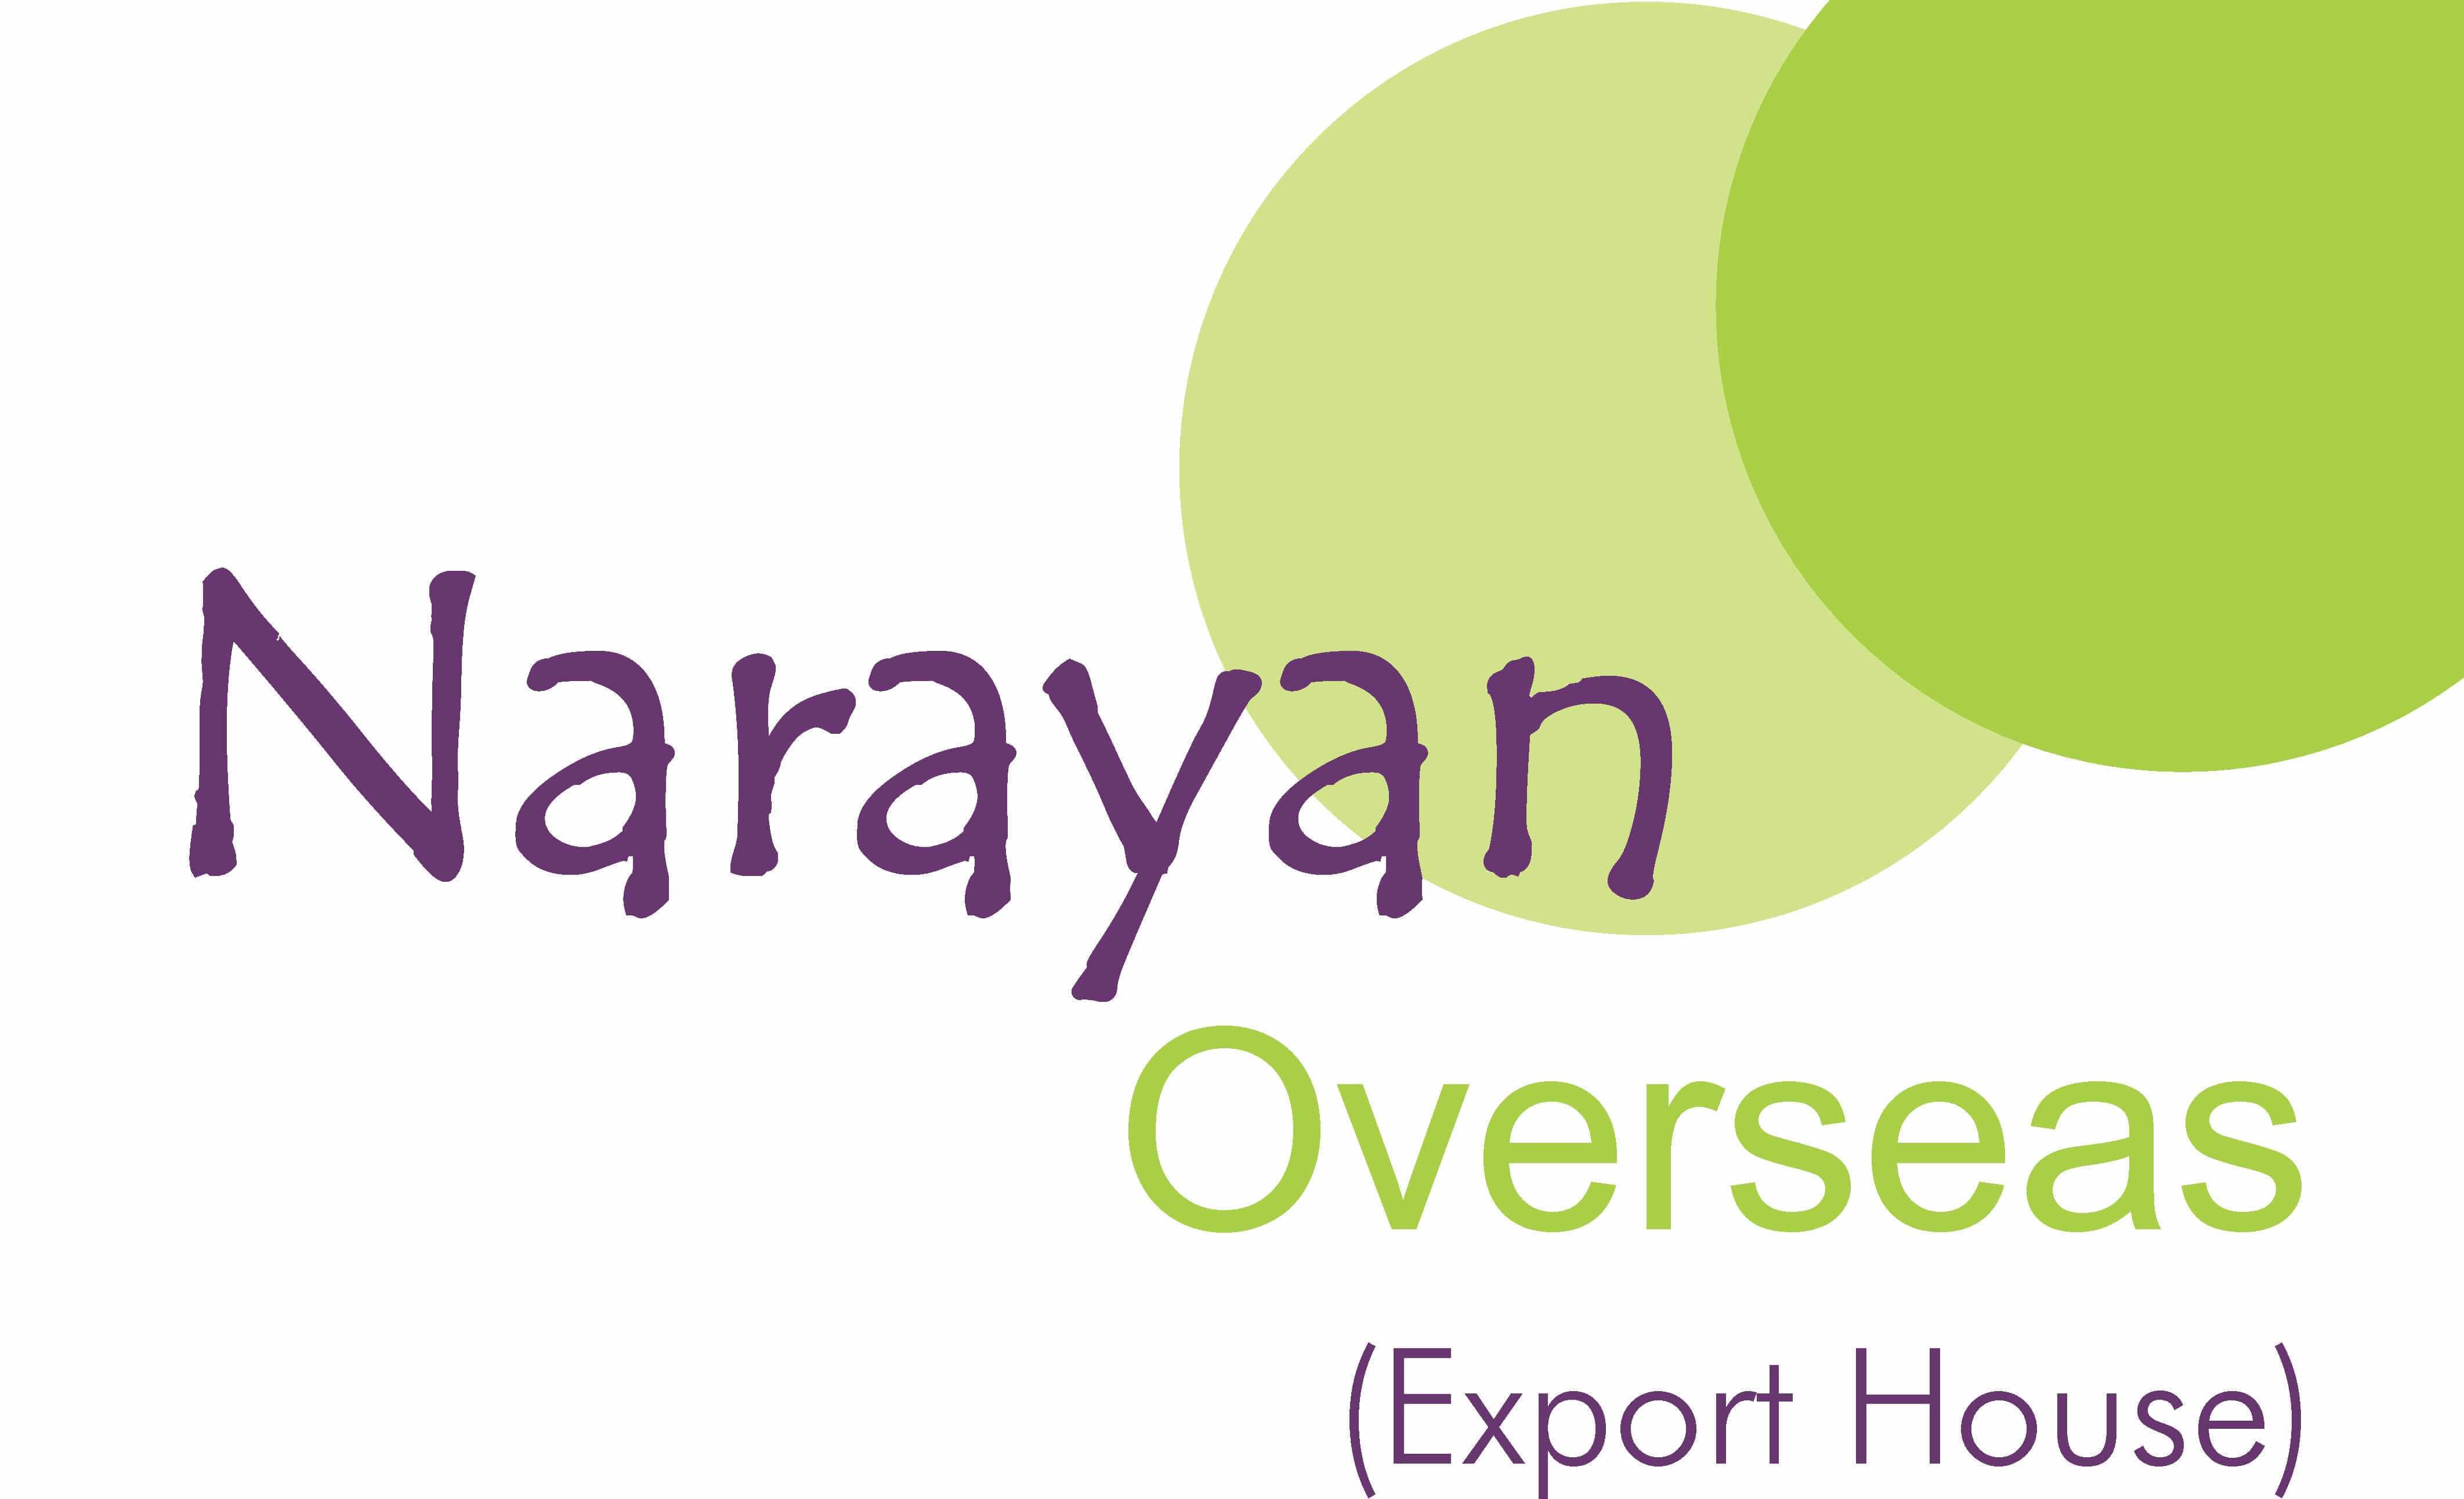 Narayan Overseas